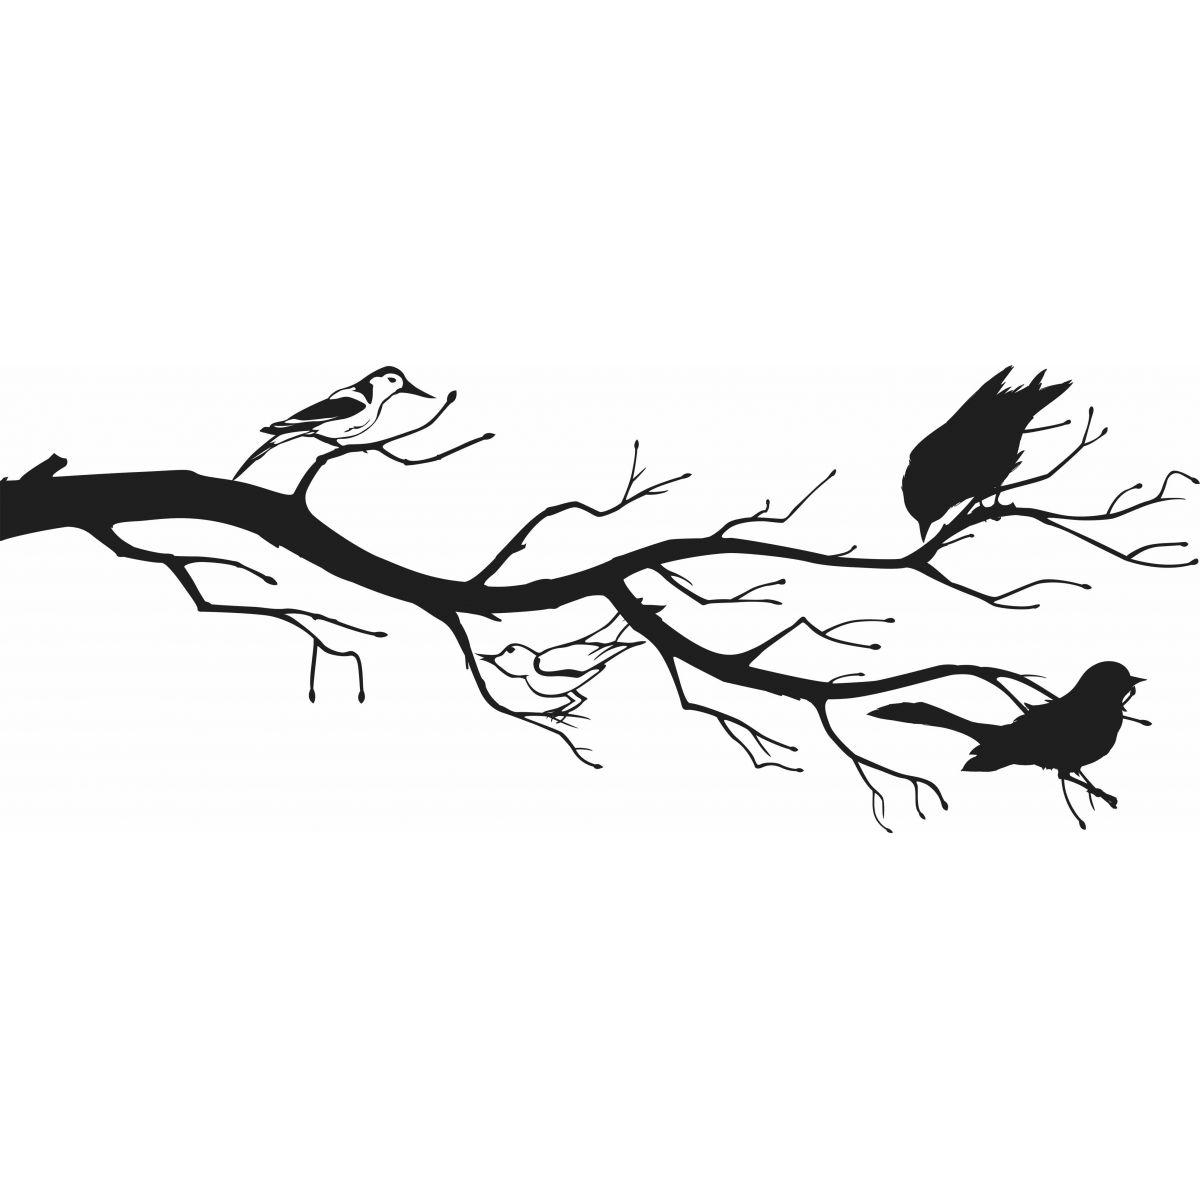 Adesivo de Parede Galhos com Pássaros